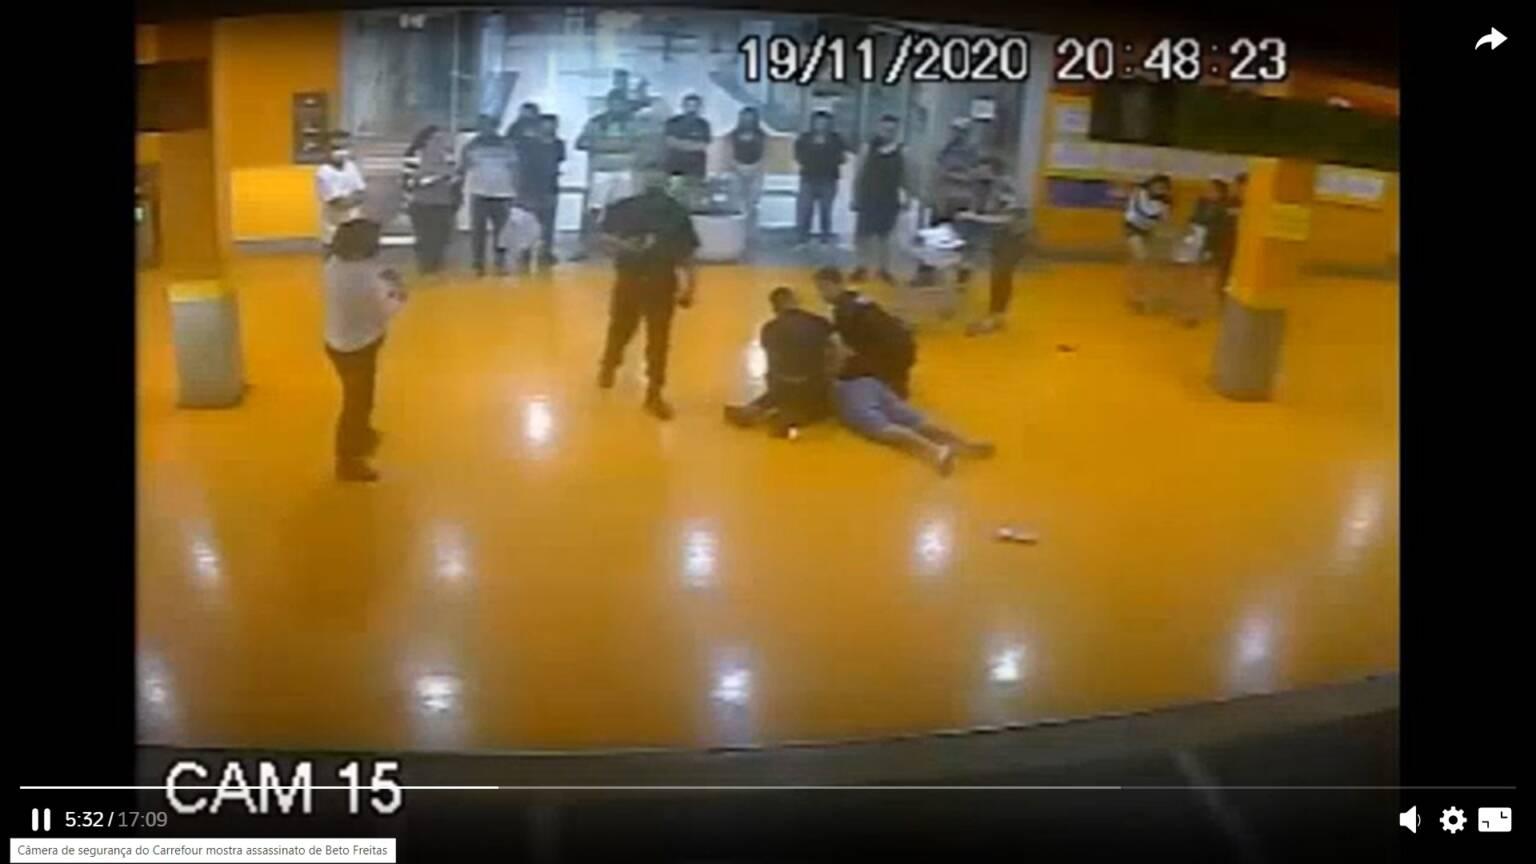 beto2 1536x864 1 - Pelo menos 15 pessoas testemunharam tortura e asfixiamento de João Alberto